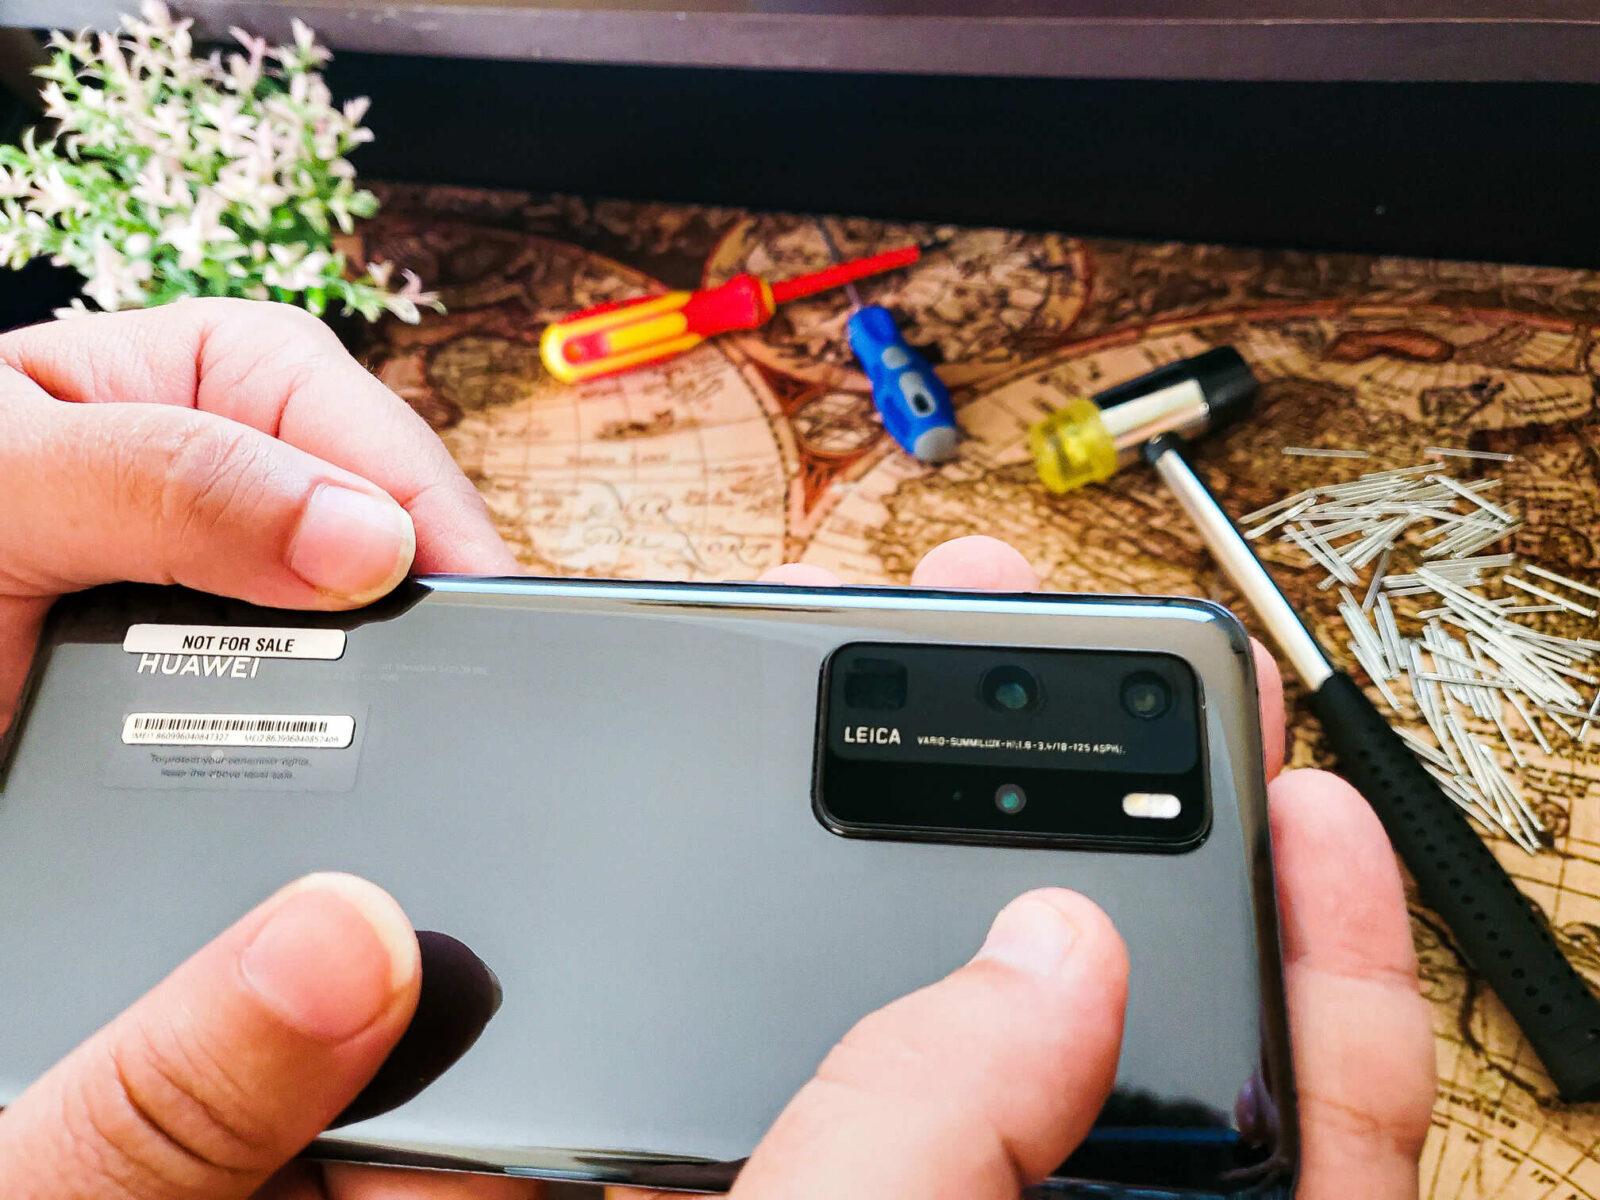 huawei-p40-pro-manos-agarran-dispositivo